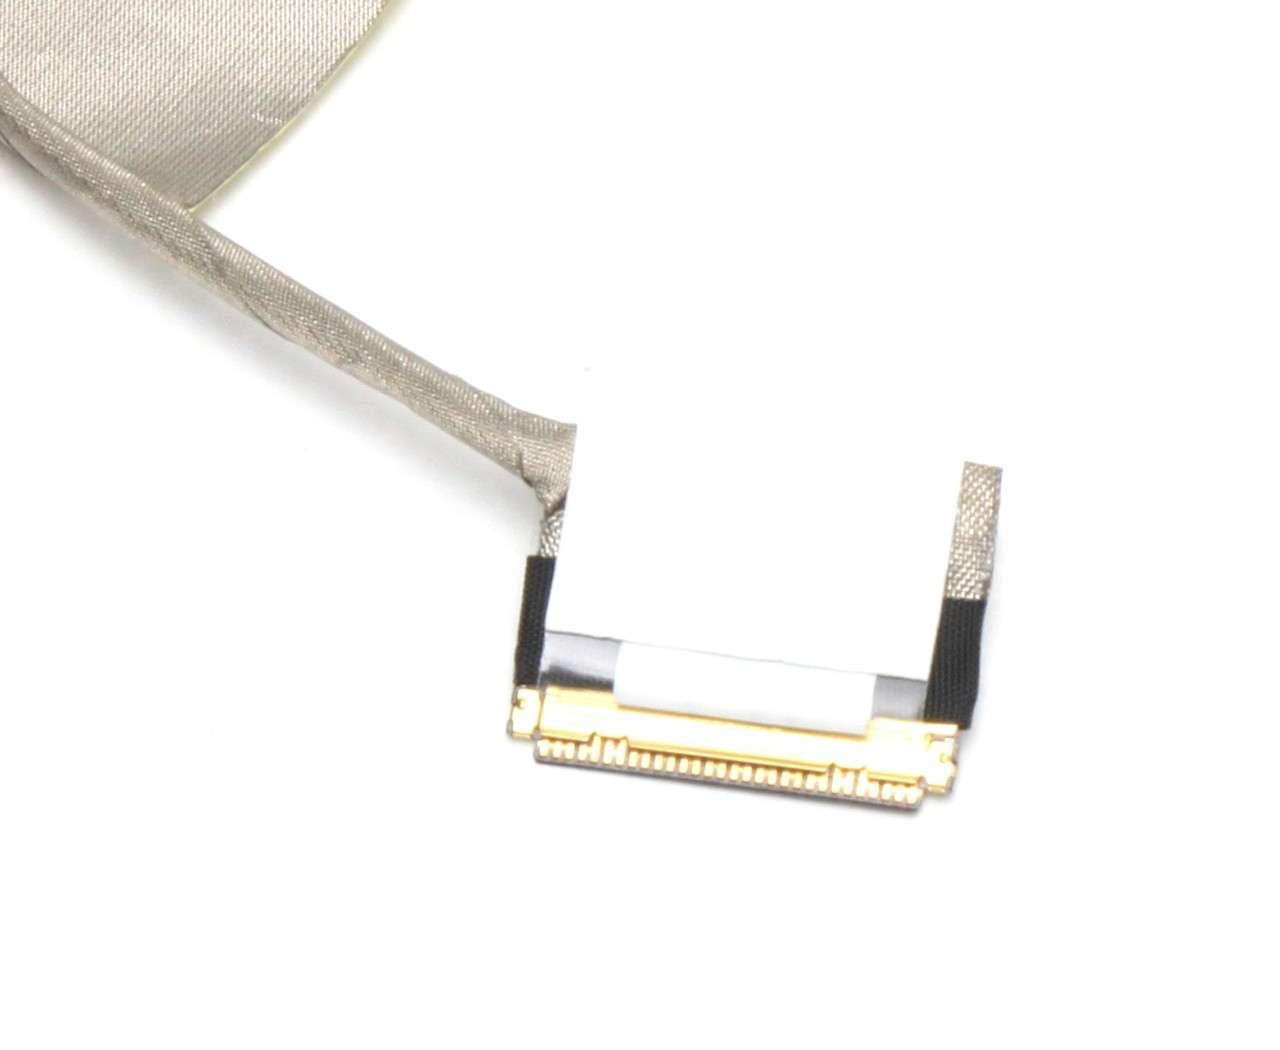 Cablu video eDP Asus N550J imagine powerlaptop.ro 2021